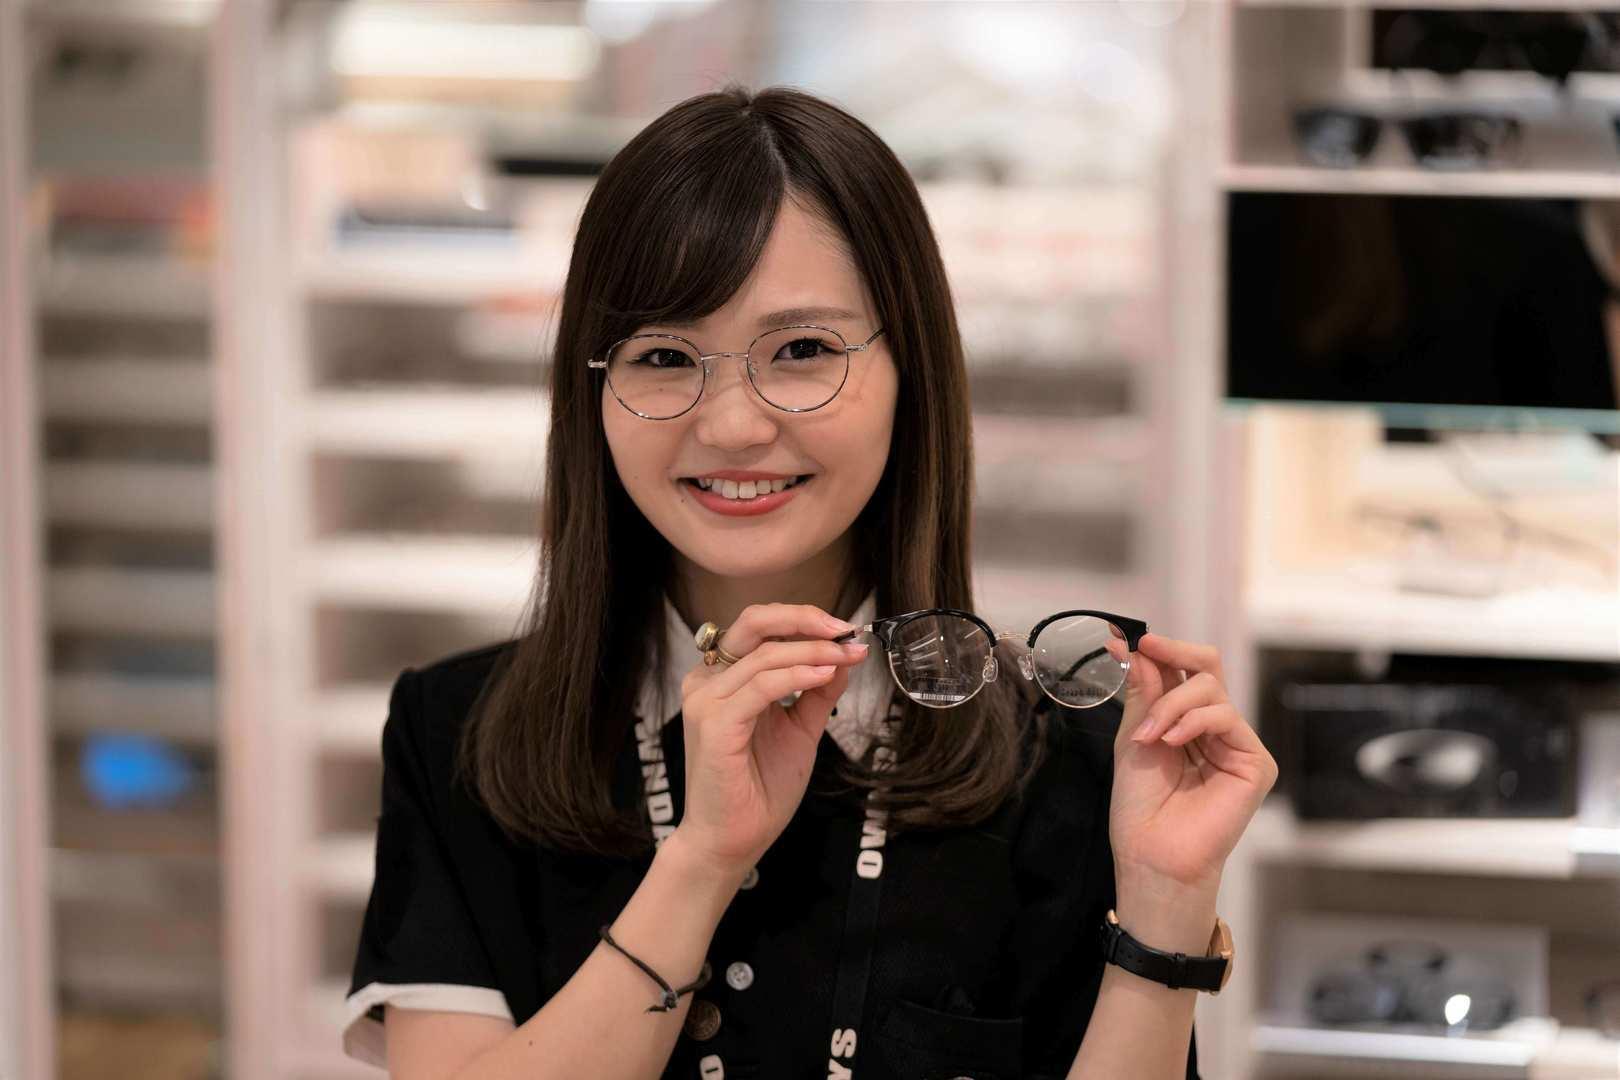 ●洗練された製品が国内外で大人気 メガネのファストファッションブランド 接客販売のカバー写真